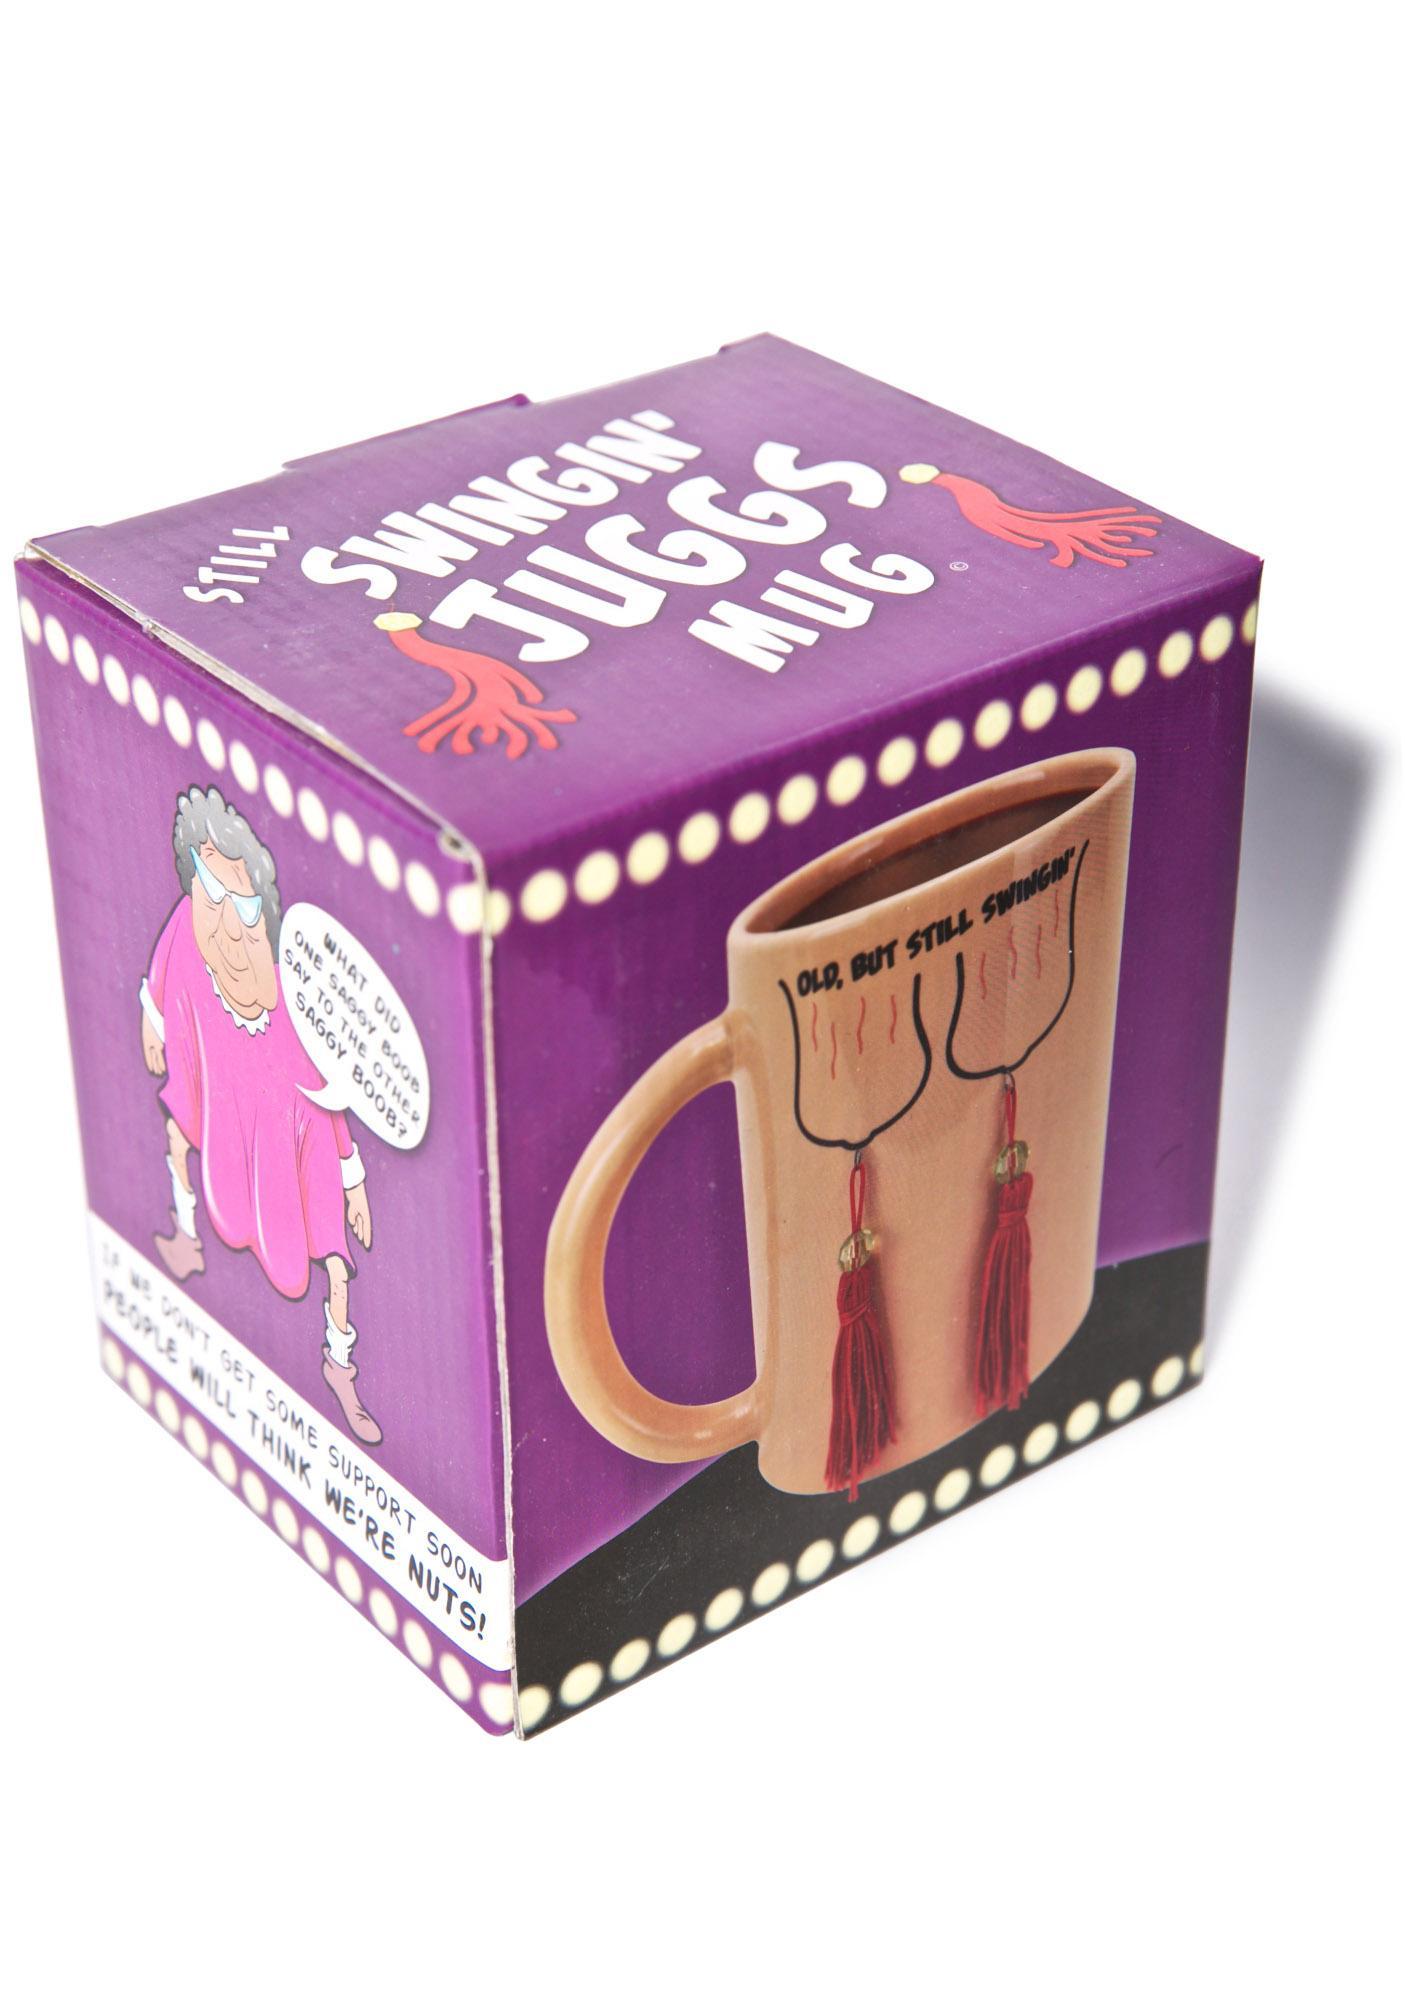 Still Swingin' Juggs Mug